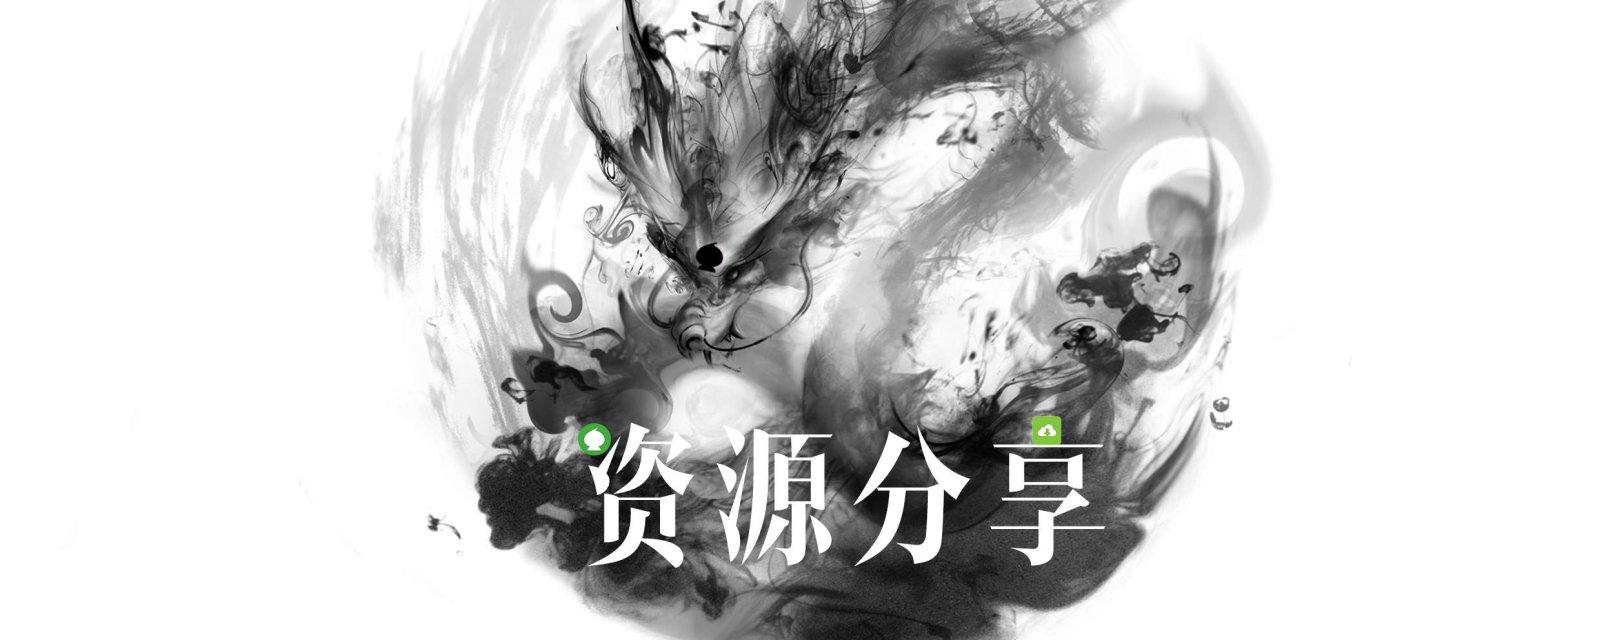 【资源分享】小手电 v1.7.14